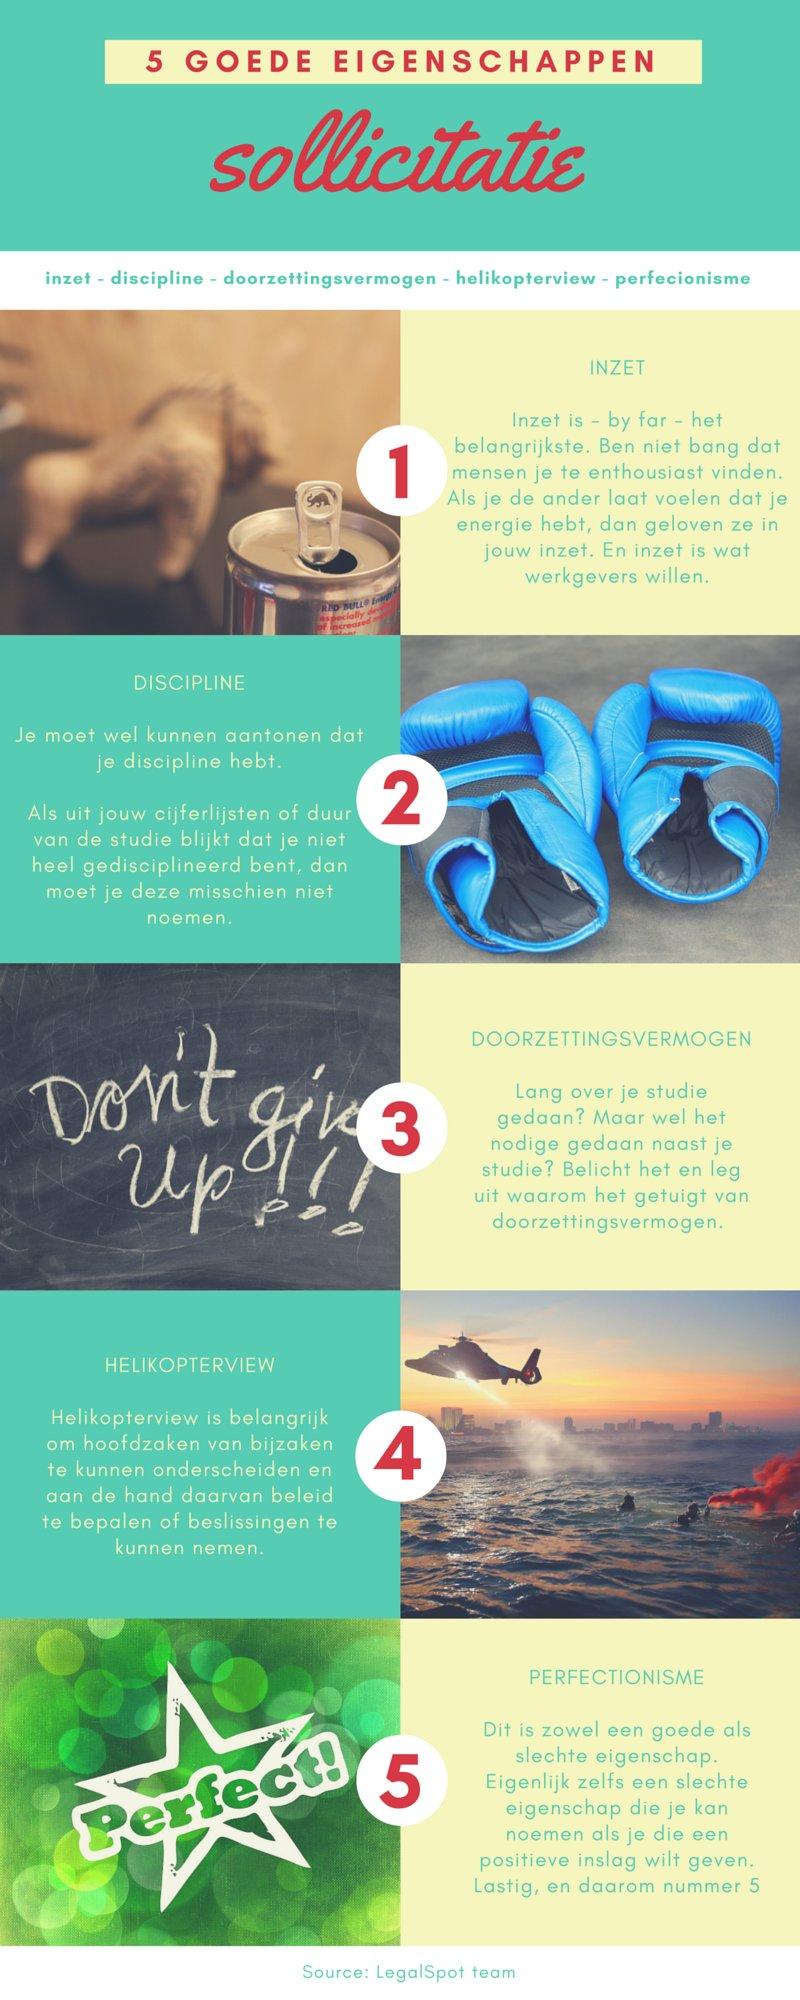 eigenschappen sollicitatie 5 goede eigenschappen sollicitatie